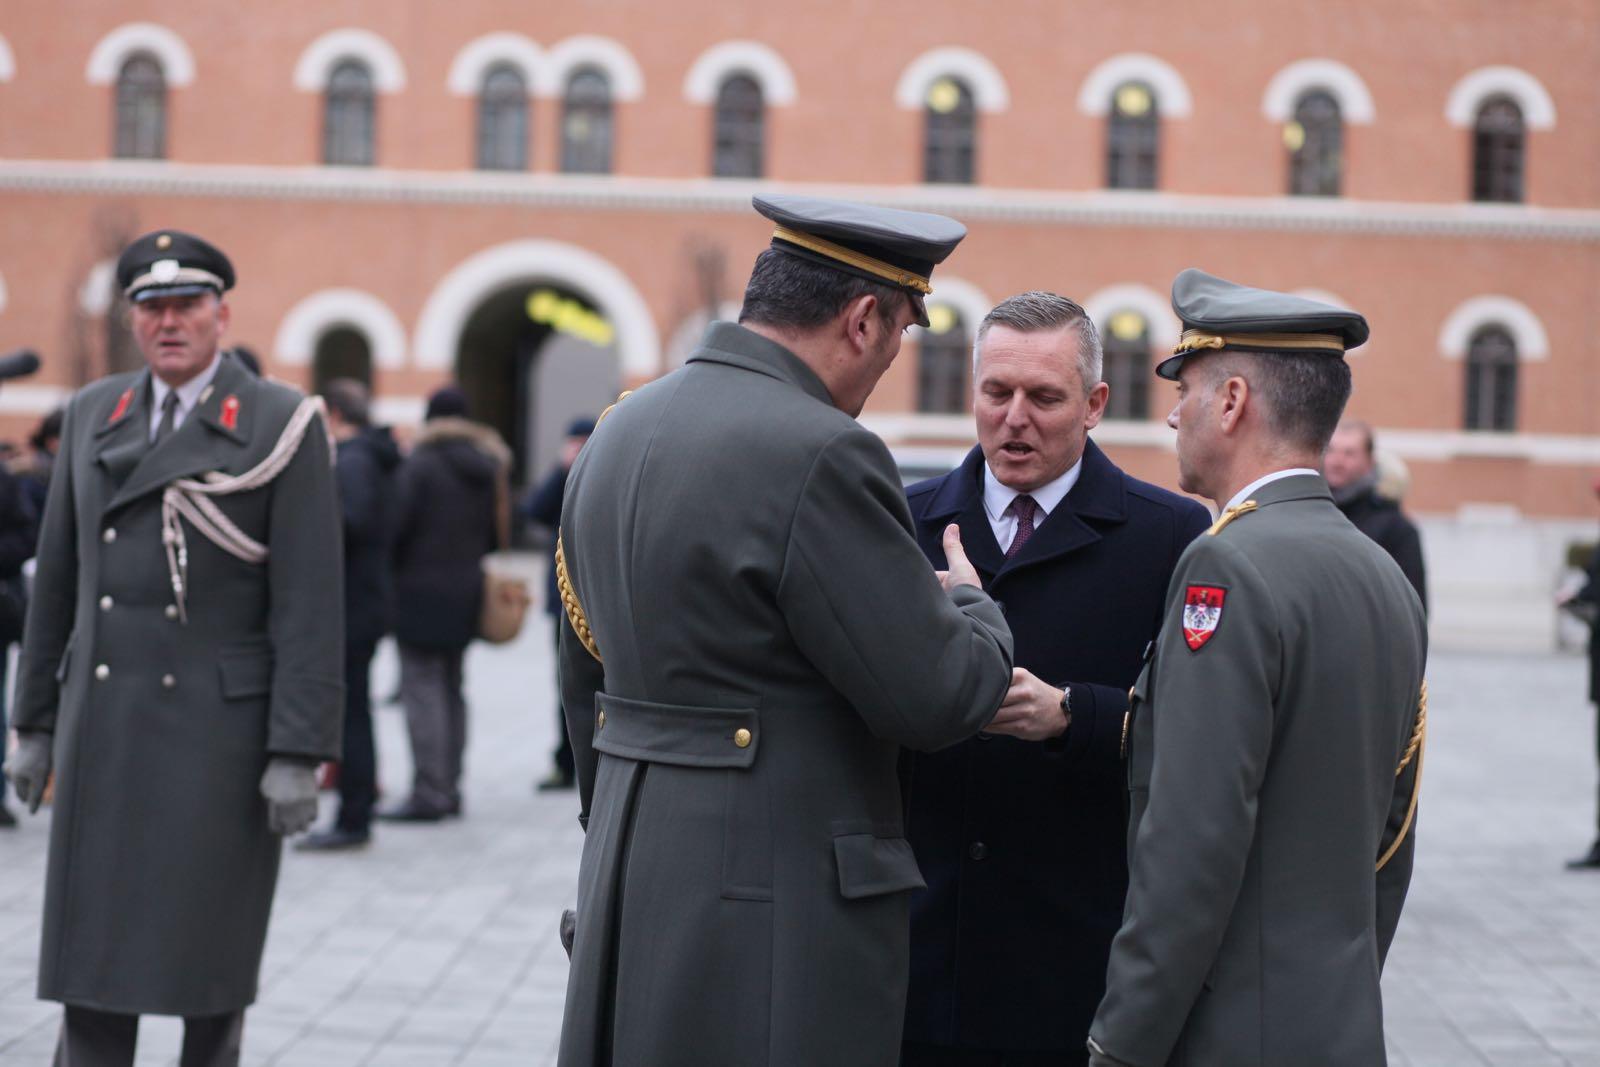 2019_01_18_1Gardekompanie_Treffen_Verteidigungsminister_DE_CHE_AUT_Rosau - 9 of 39